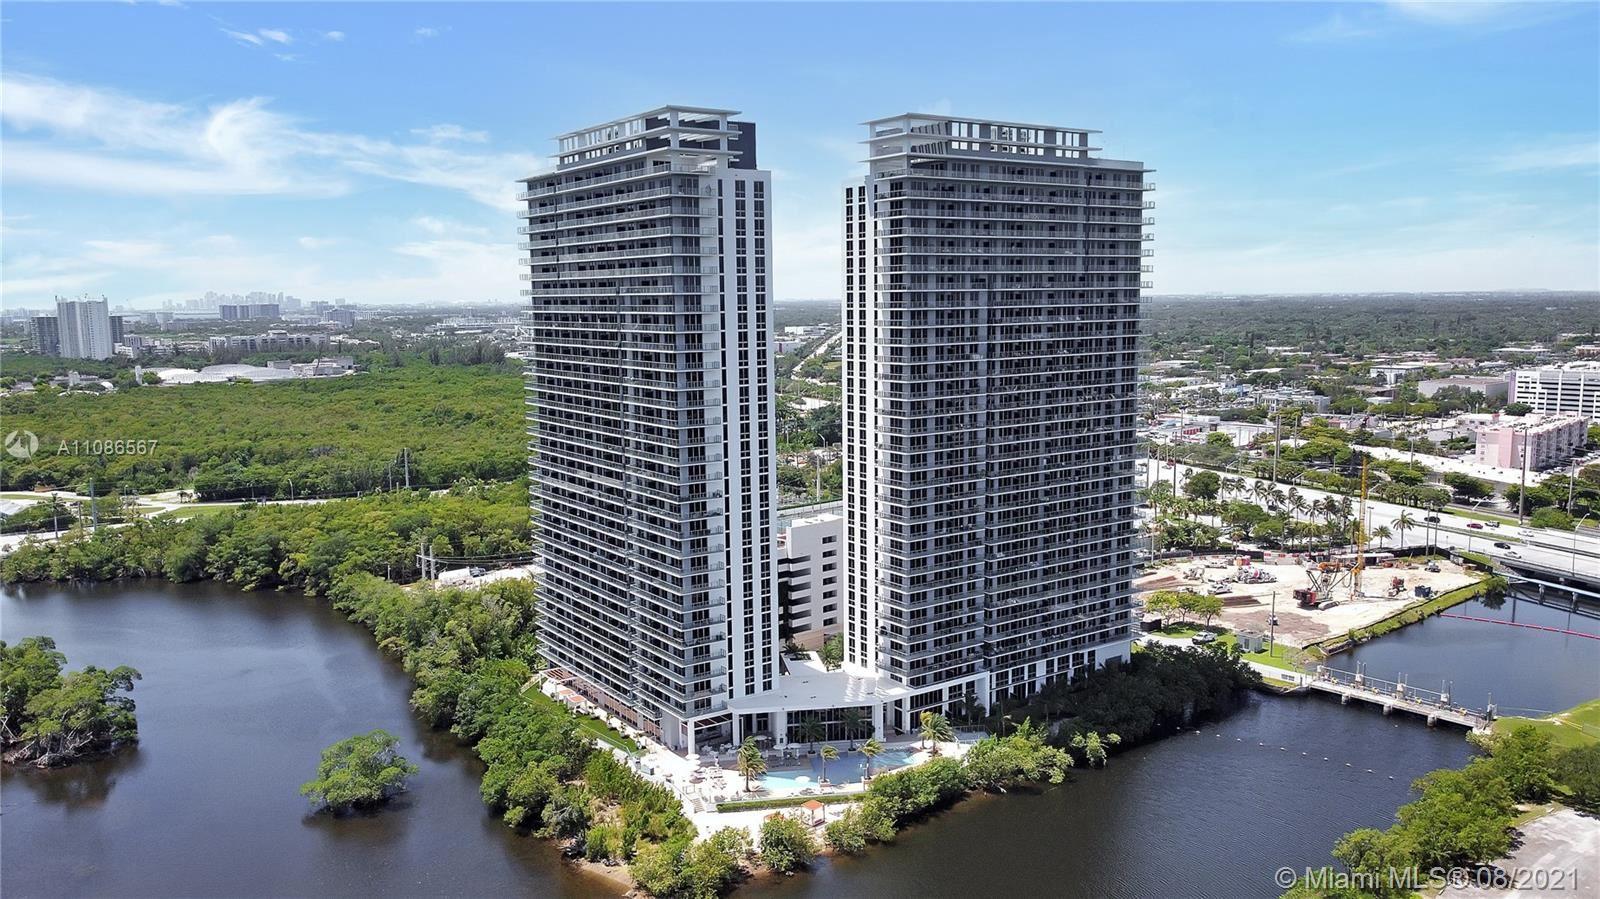 16385 Biscayne Blvd #521, North Miami Beach, FL 33160 - #: A11086567